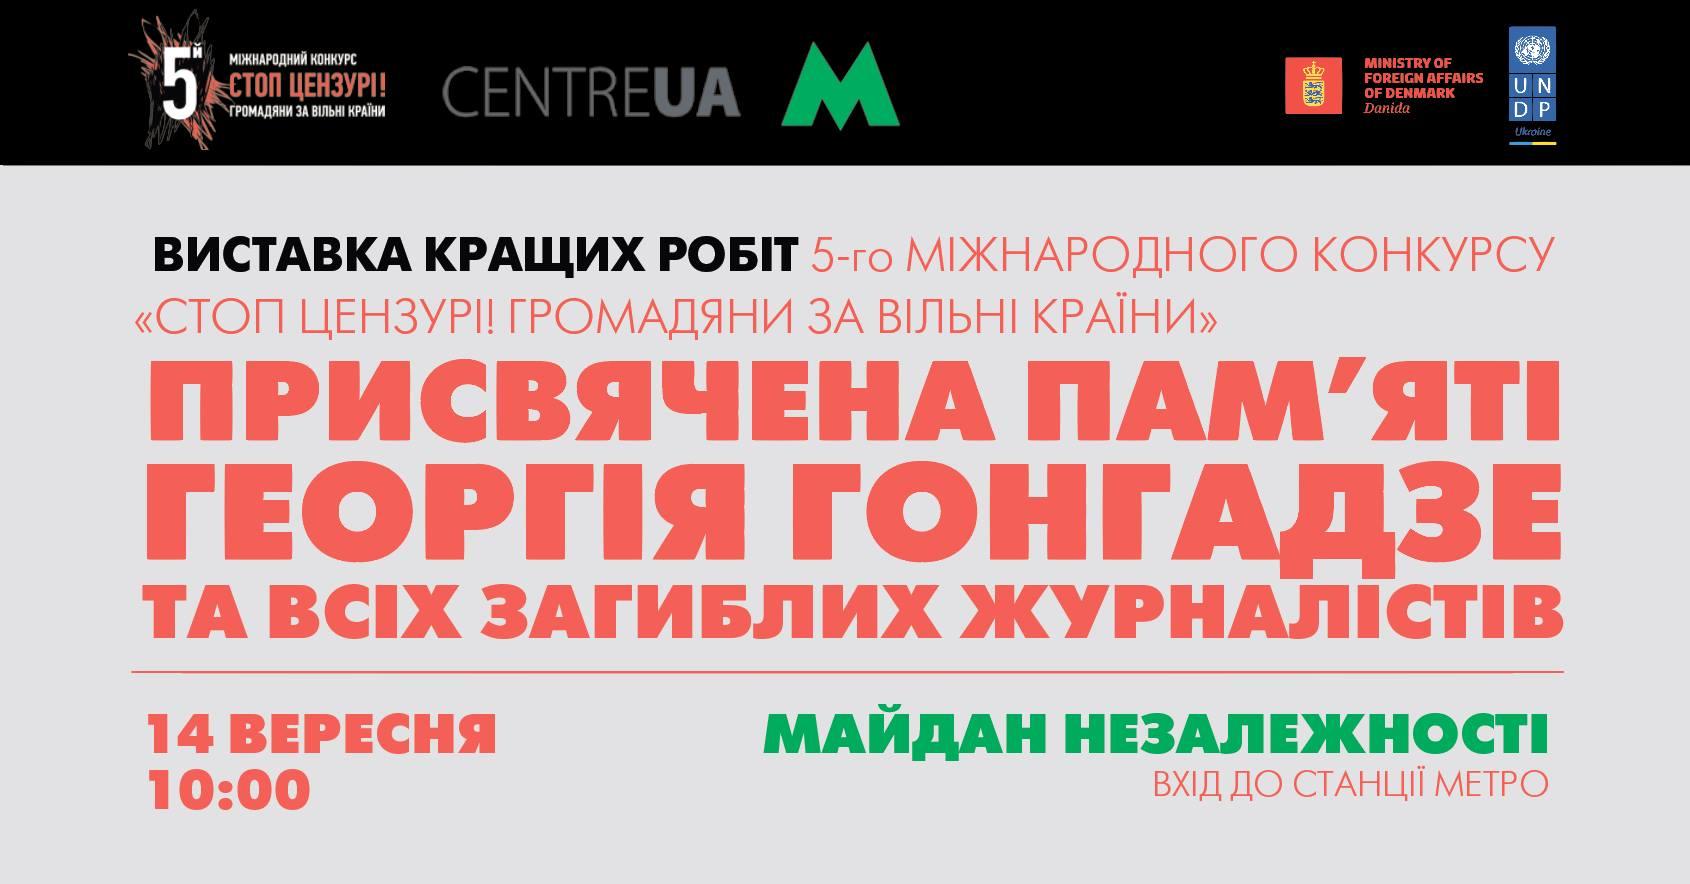 У київському метро відкриють виставку в пам'ять Гонгадзе і всіх загиблих журналістів